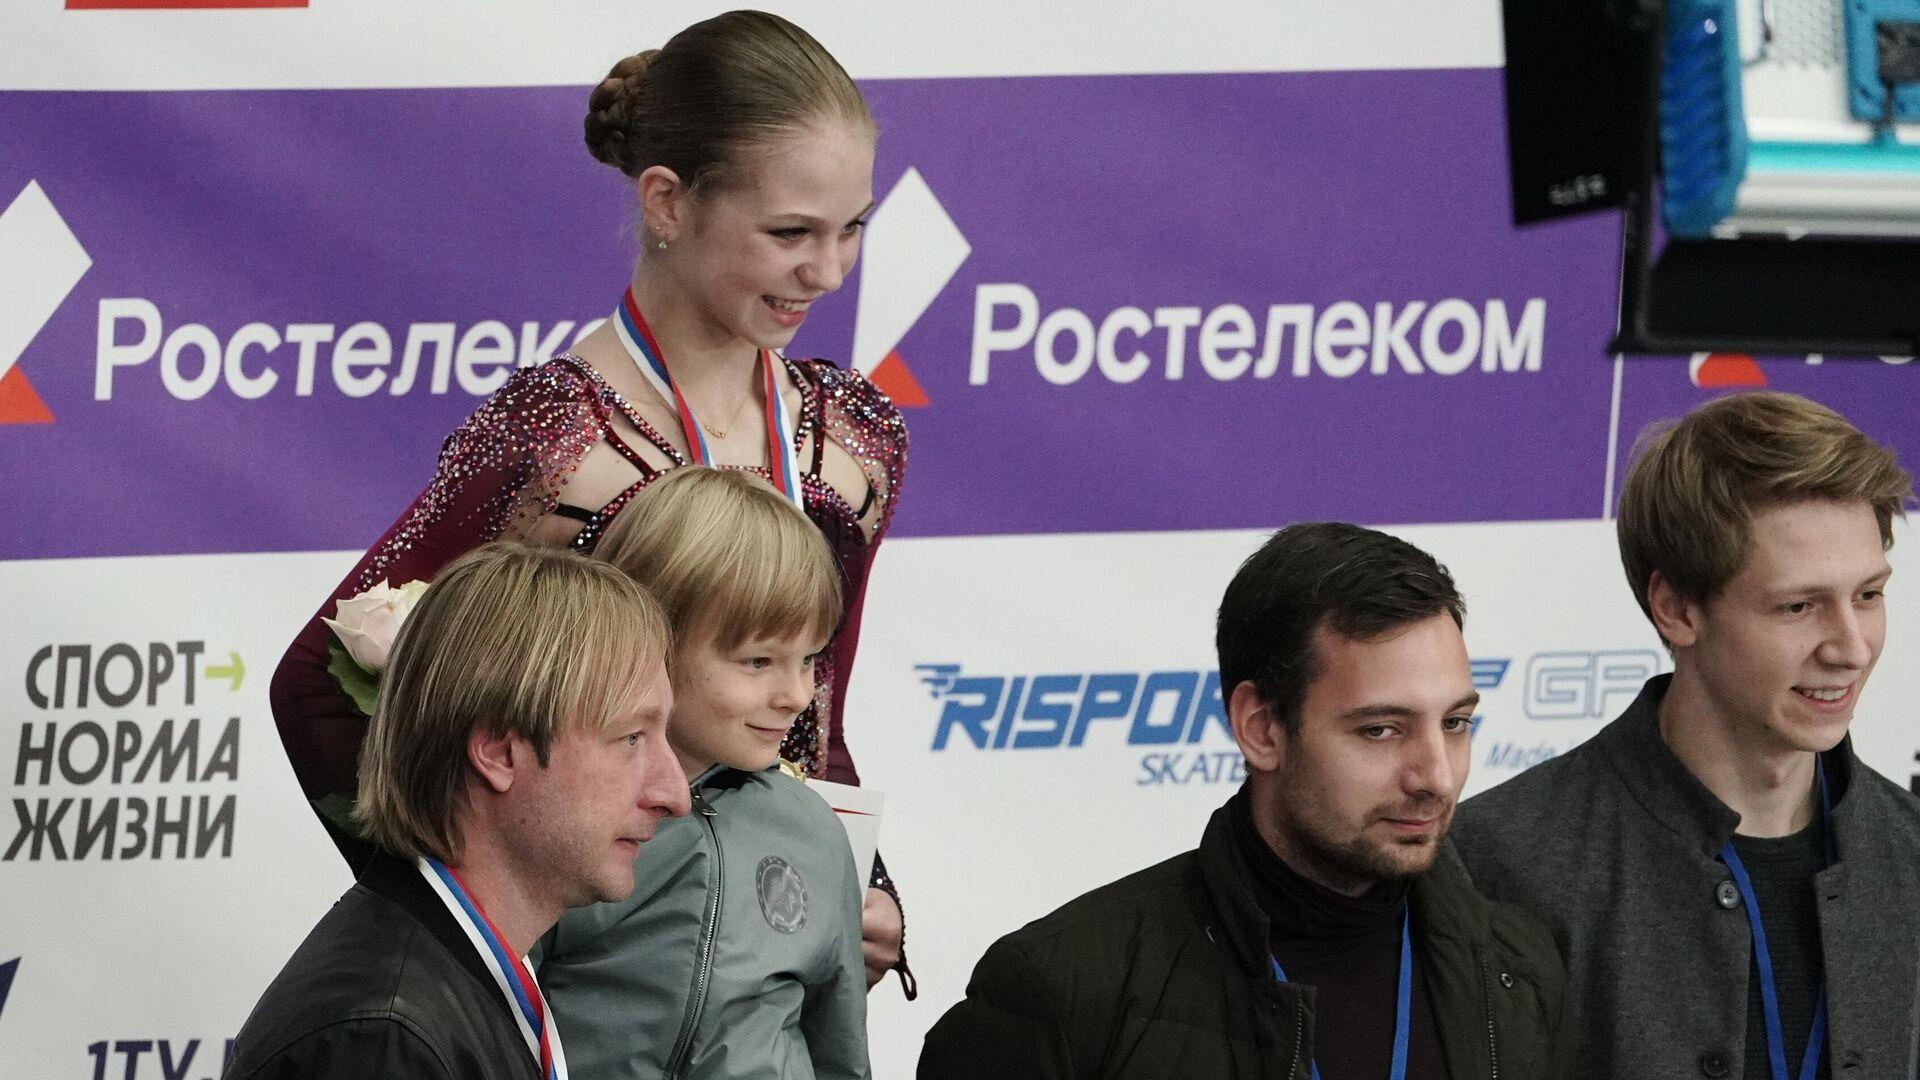 Александра Трусова (в центре на втором плане), Евгений Плющенко с сыном Александром (слева на первом плане) - РИА Новости, 1920, 11.10.2020